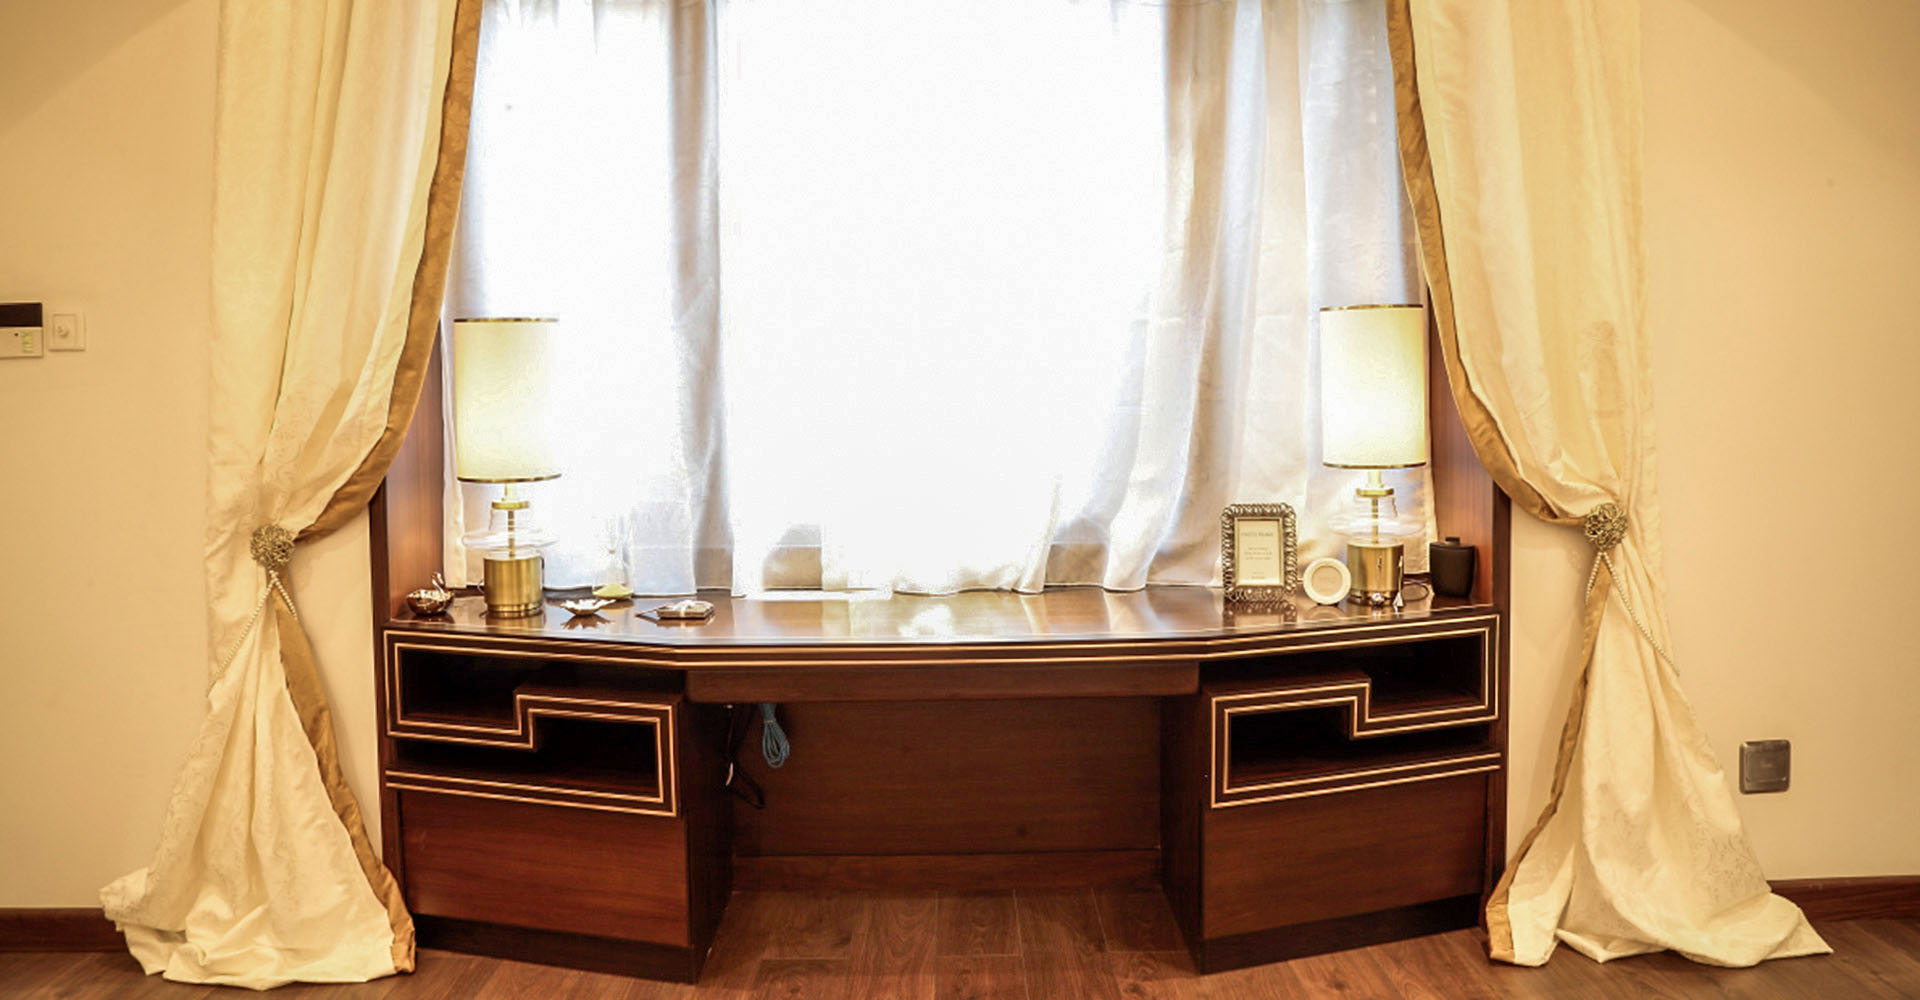 Residential-Design-Hiline-Lahore-portfolio-30-Tufail-Road-13